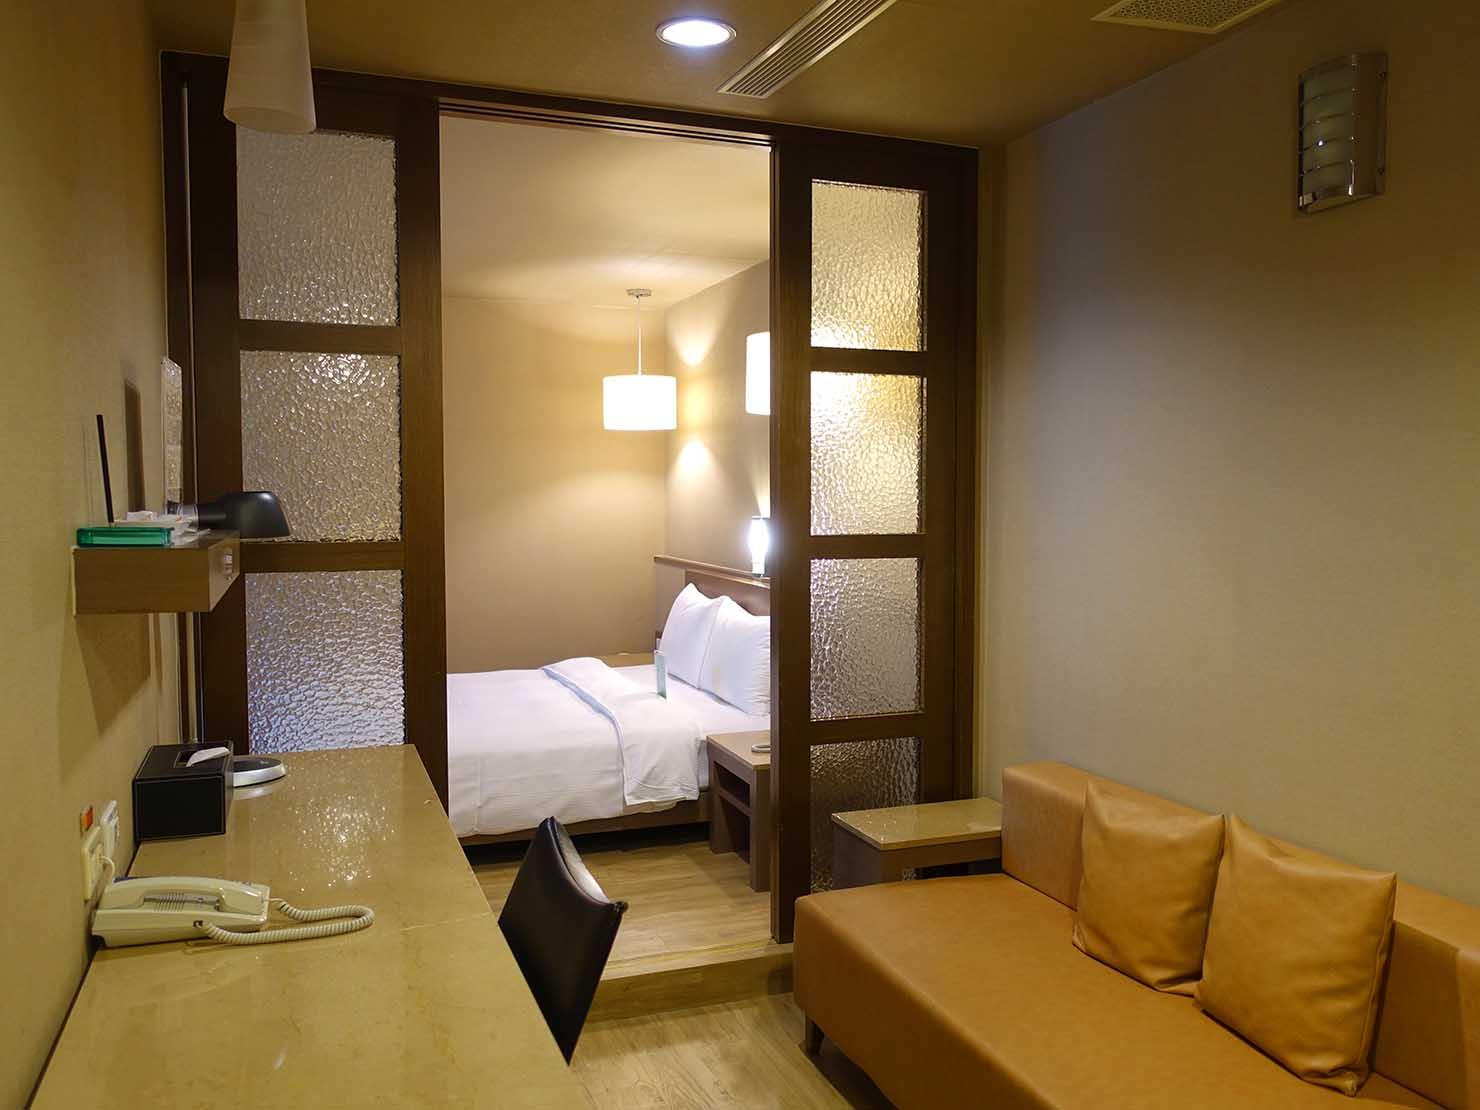 高雄のおすすめチェーンホテル「康橋商旅 Kindness Hotel(漢神館)」豪華雙人房の玄関側から見たミニリビング